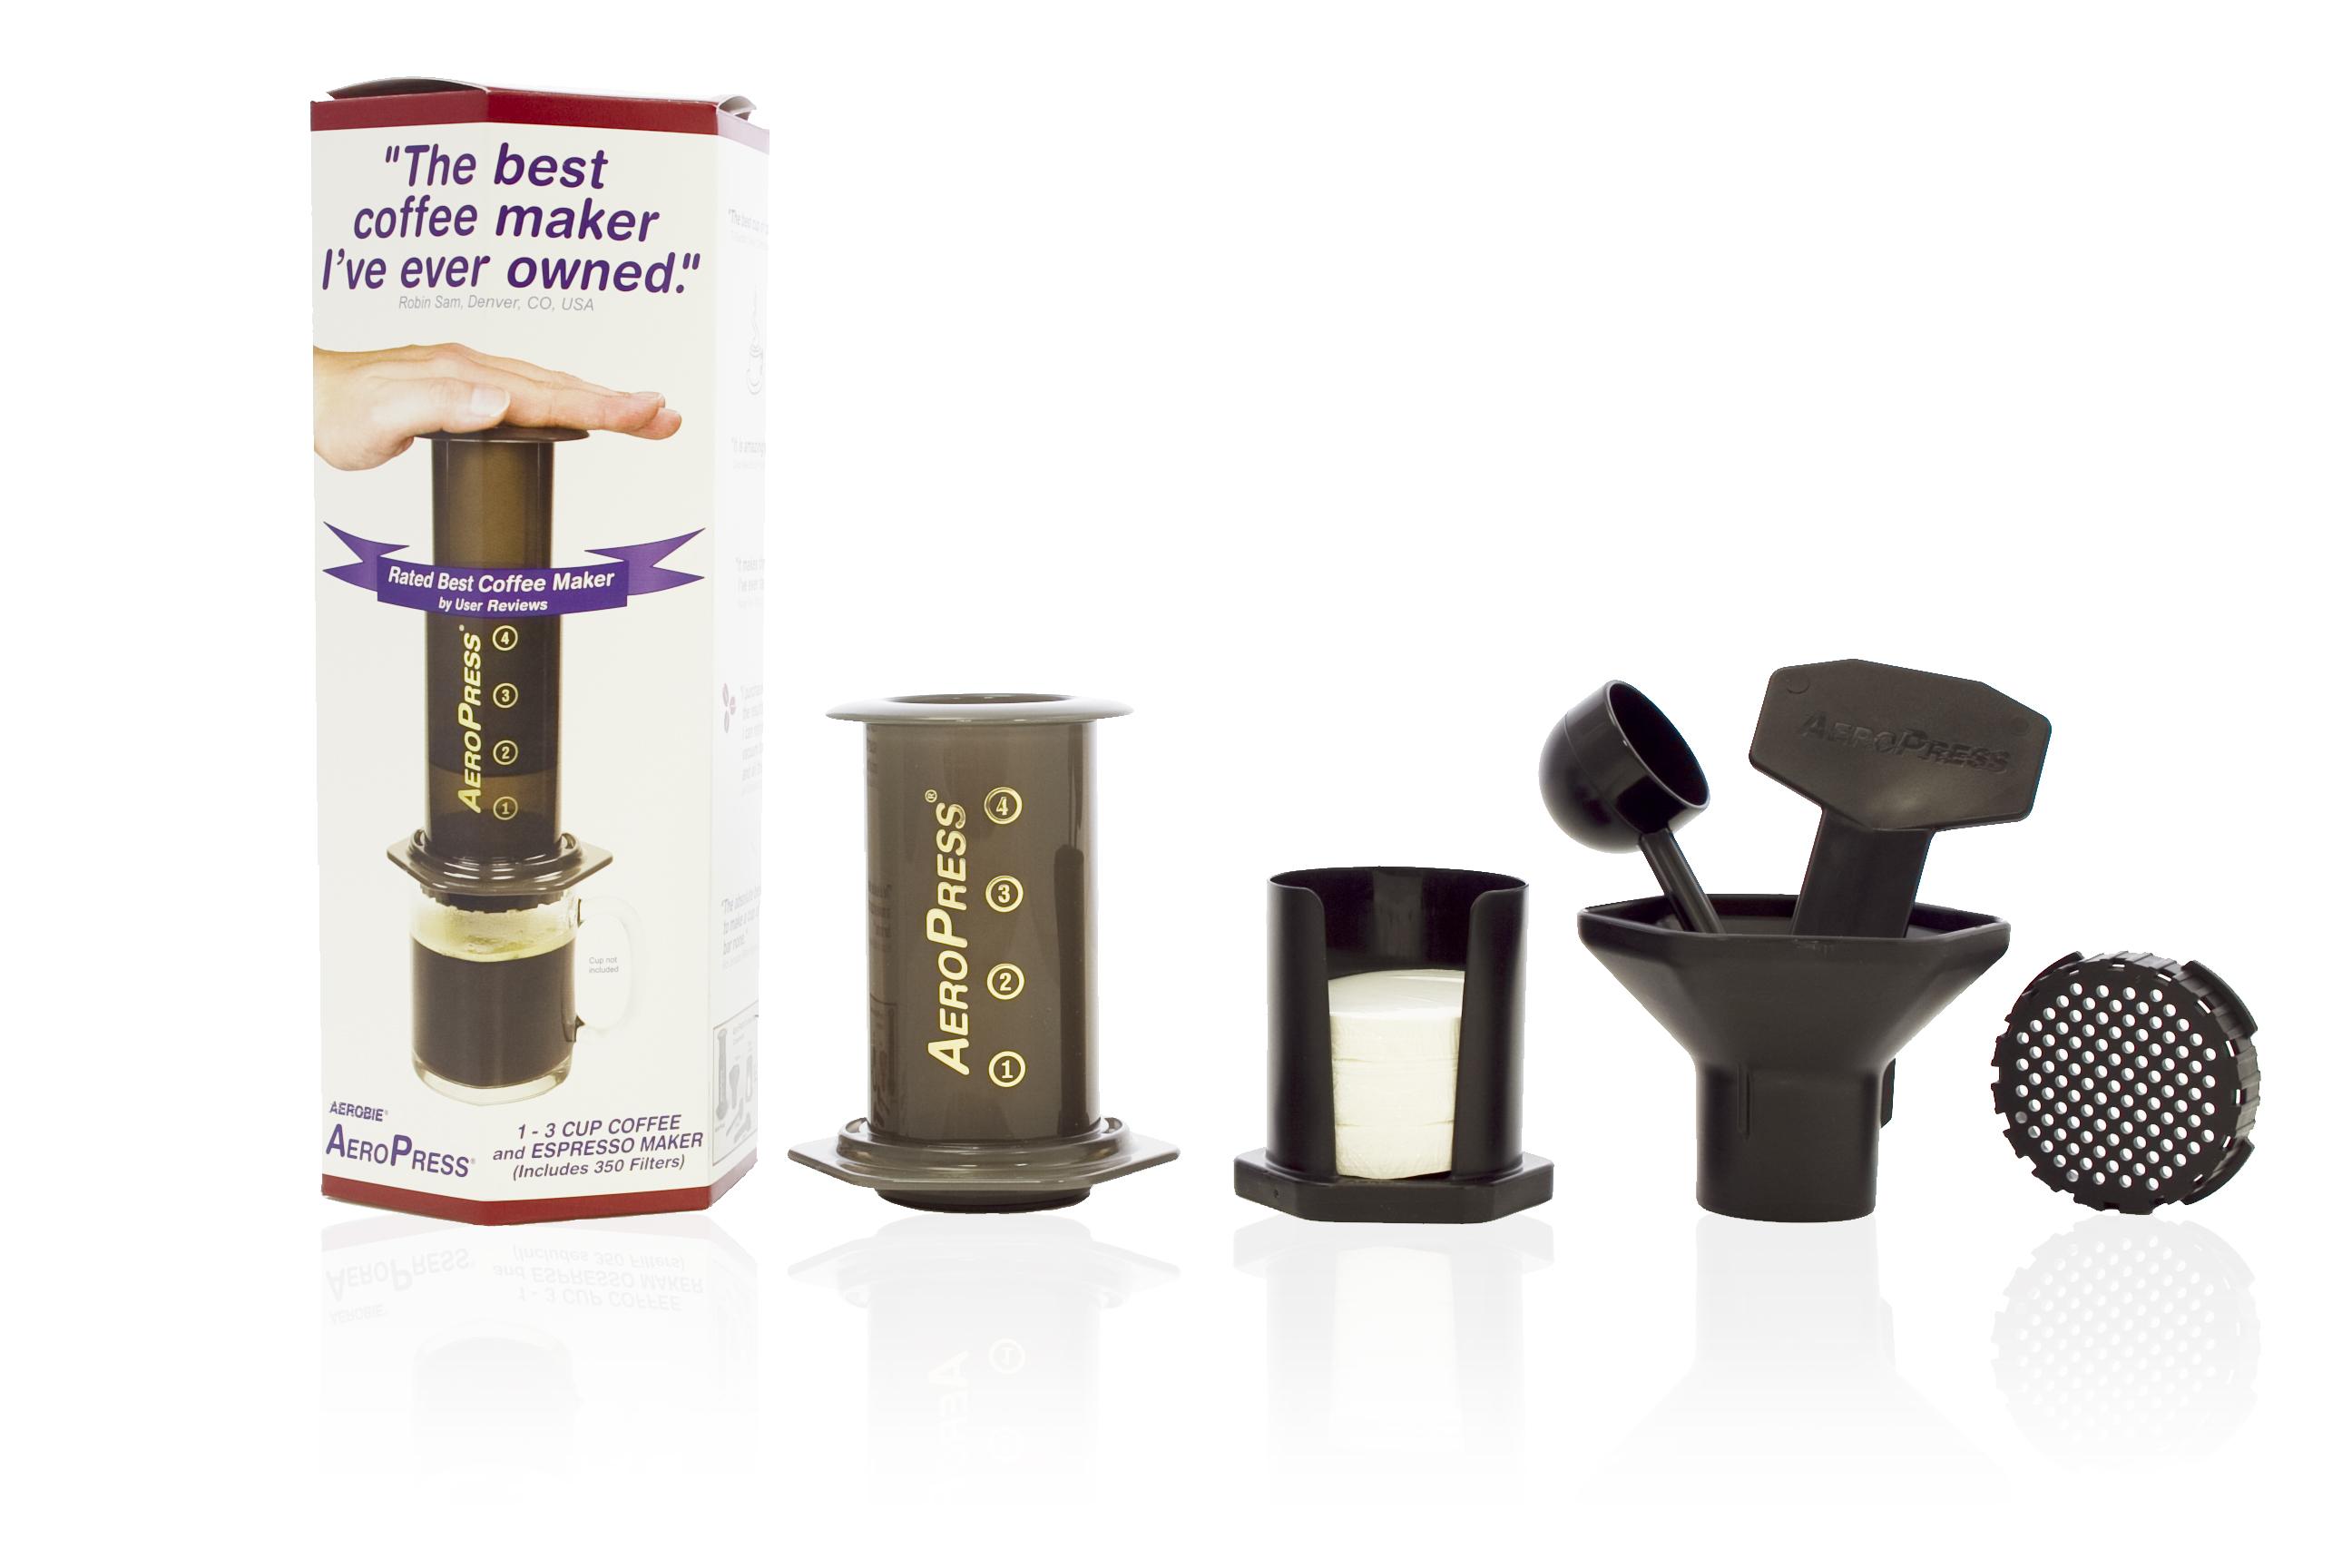 Aeropress Coffee Maker Test : Buy Aeropress Coffee Maker - 11 Pack from TKC Sales Ltd.